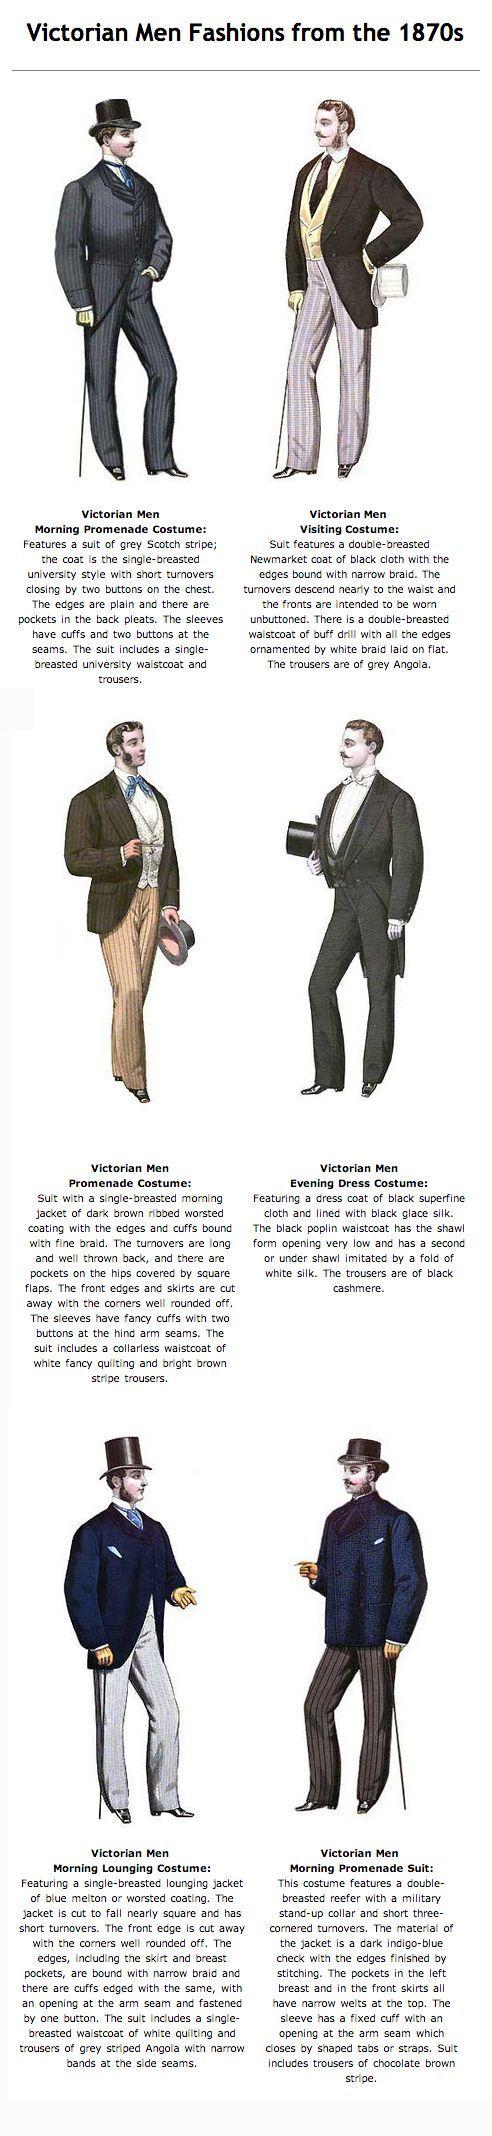 Victorian Mens' fashion www.victoriana.com/victorianmen/victorianmen.html: